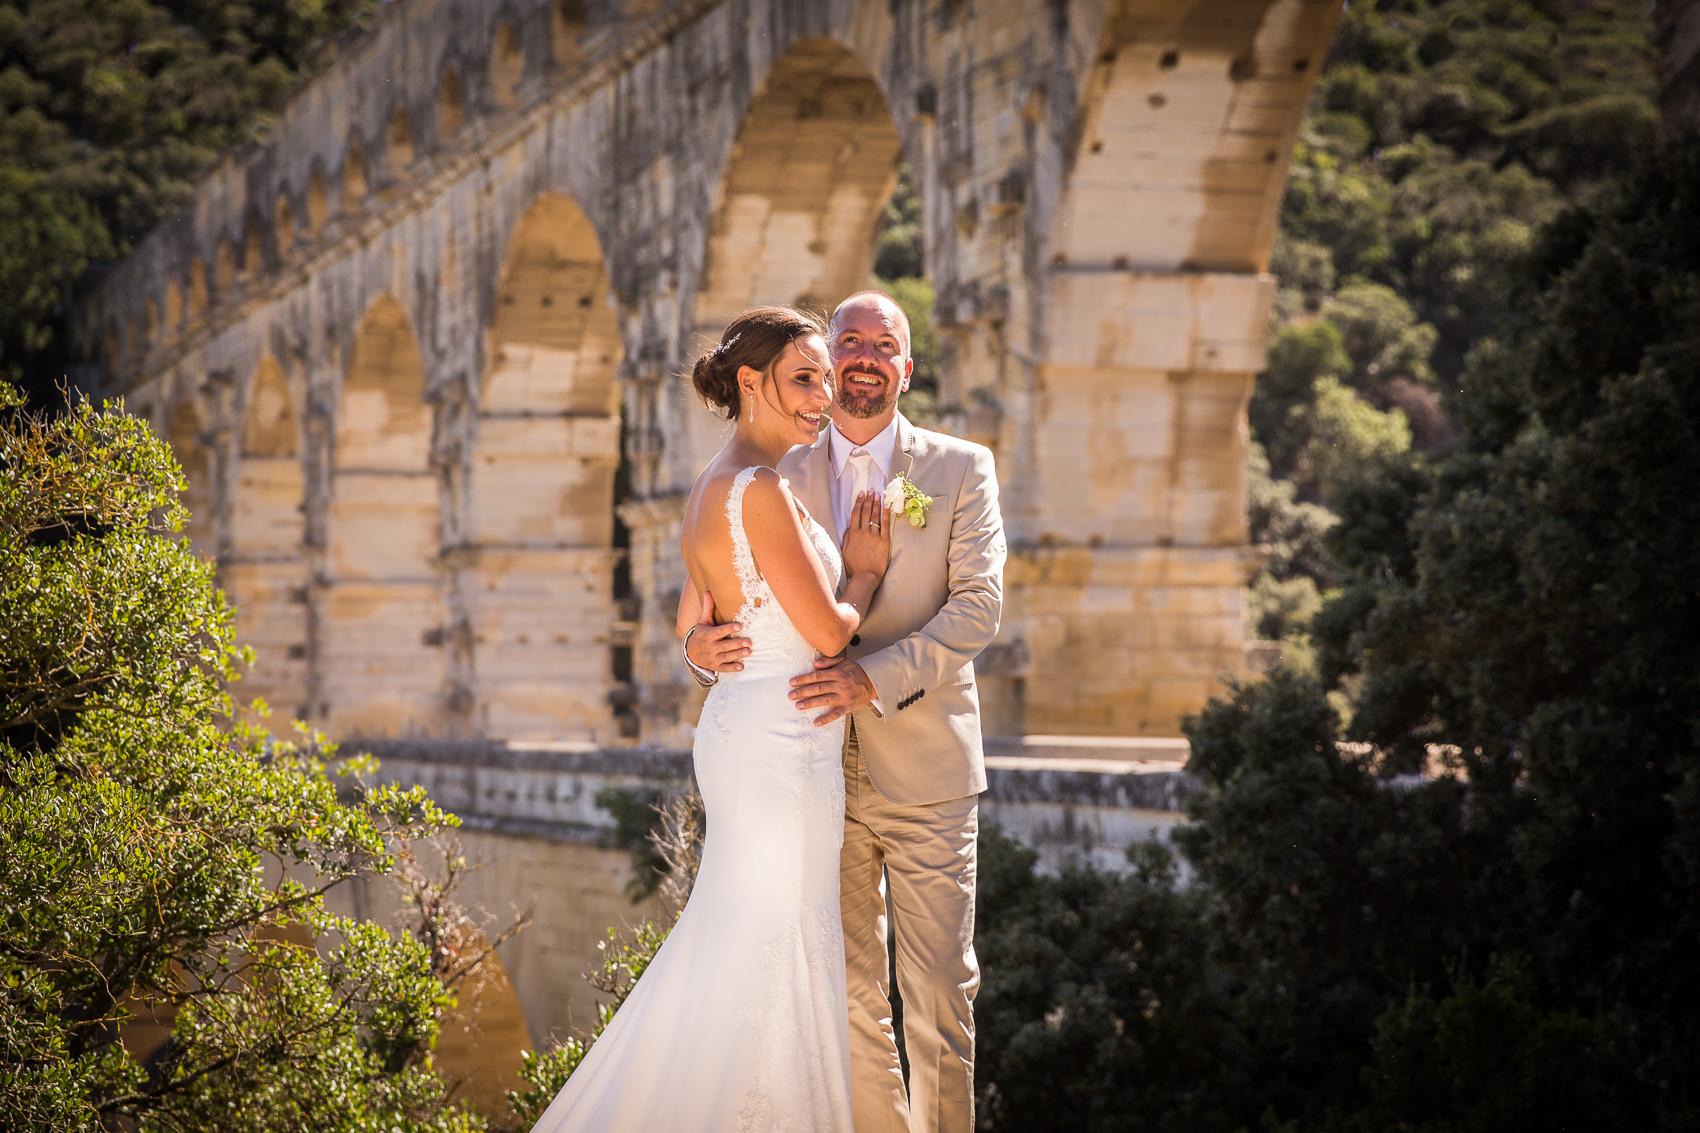 trouwen in de provence met een top fotograaf